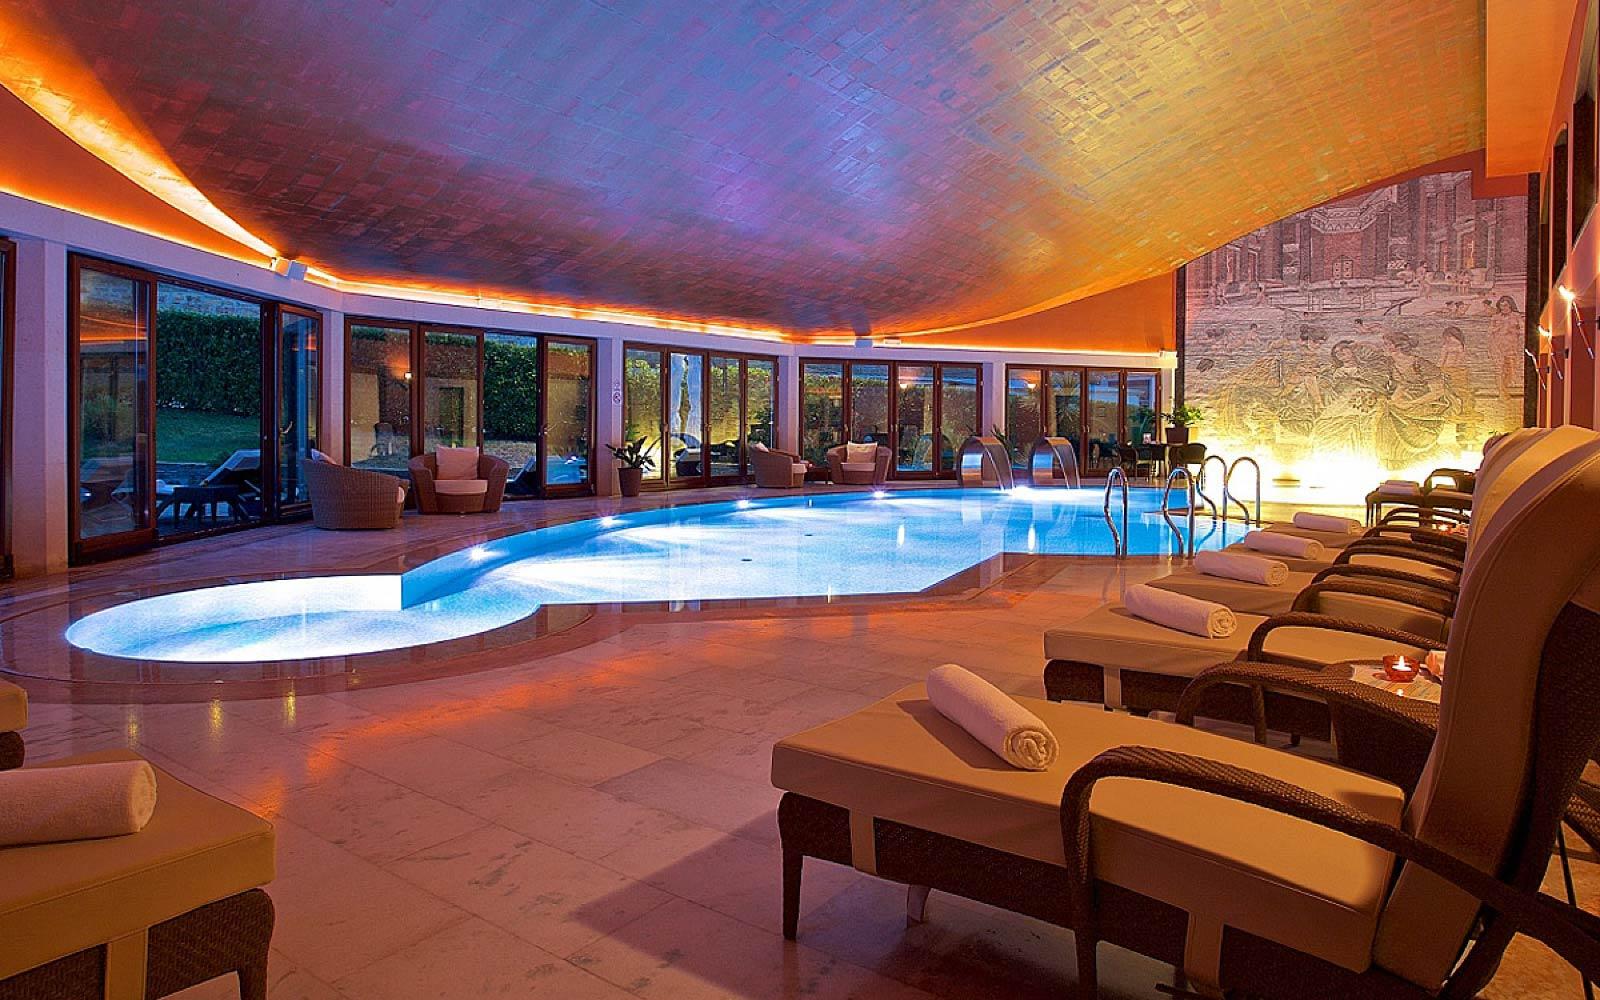 PISCINA INTERNA<br>CASINO' HOTEL MULINO - CROAZIA